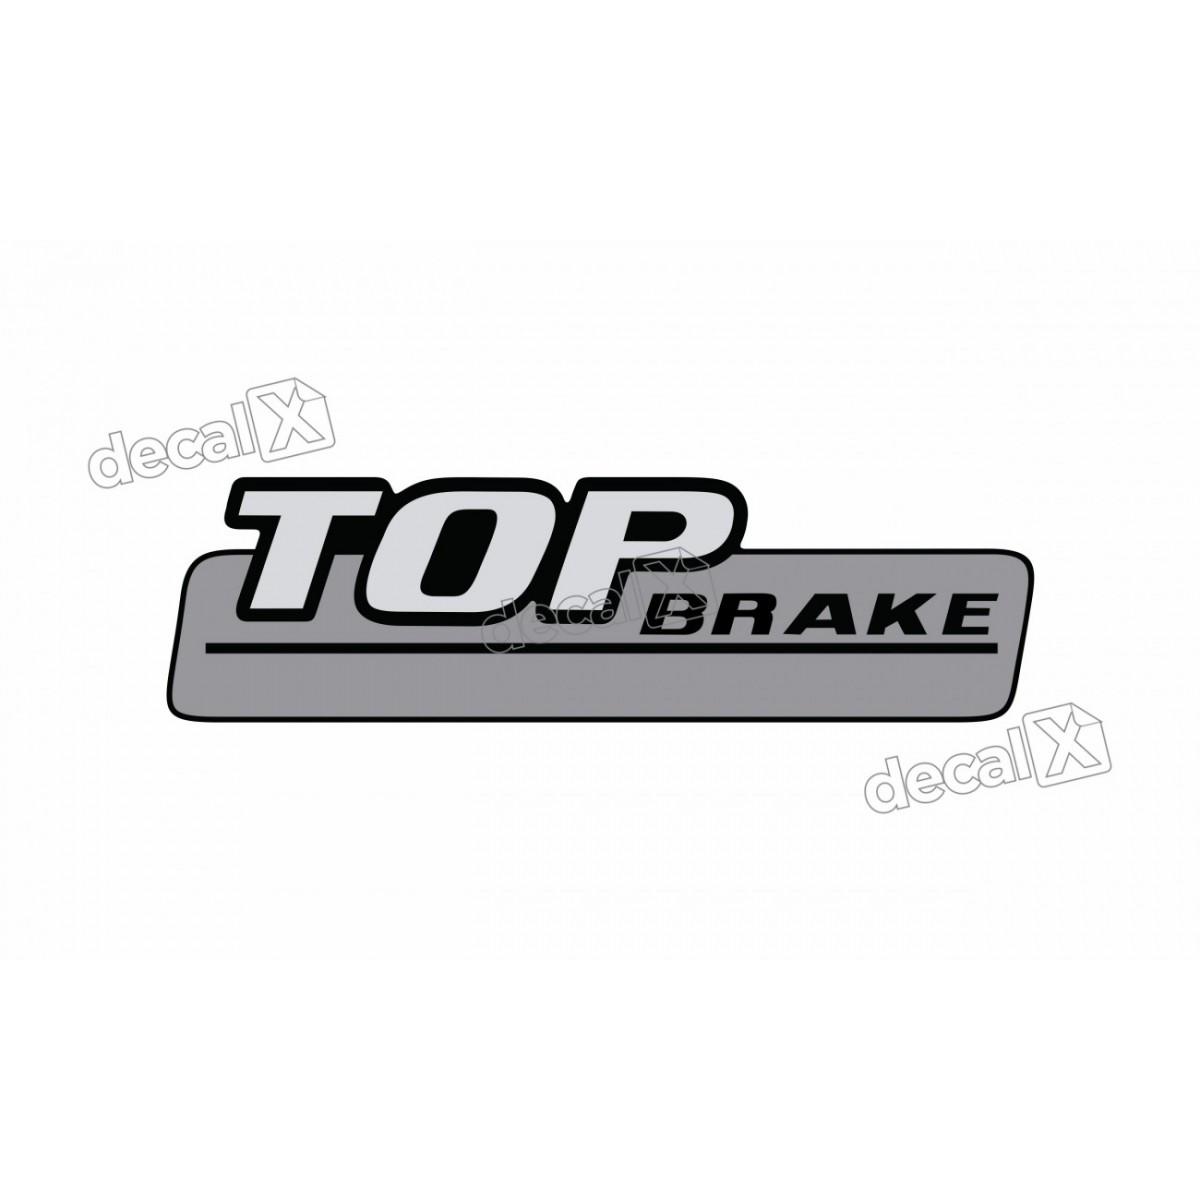 Adesivo Emblema Resinado Mercedes Top Brake Cm103 Decalx